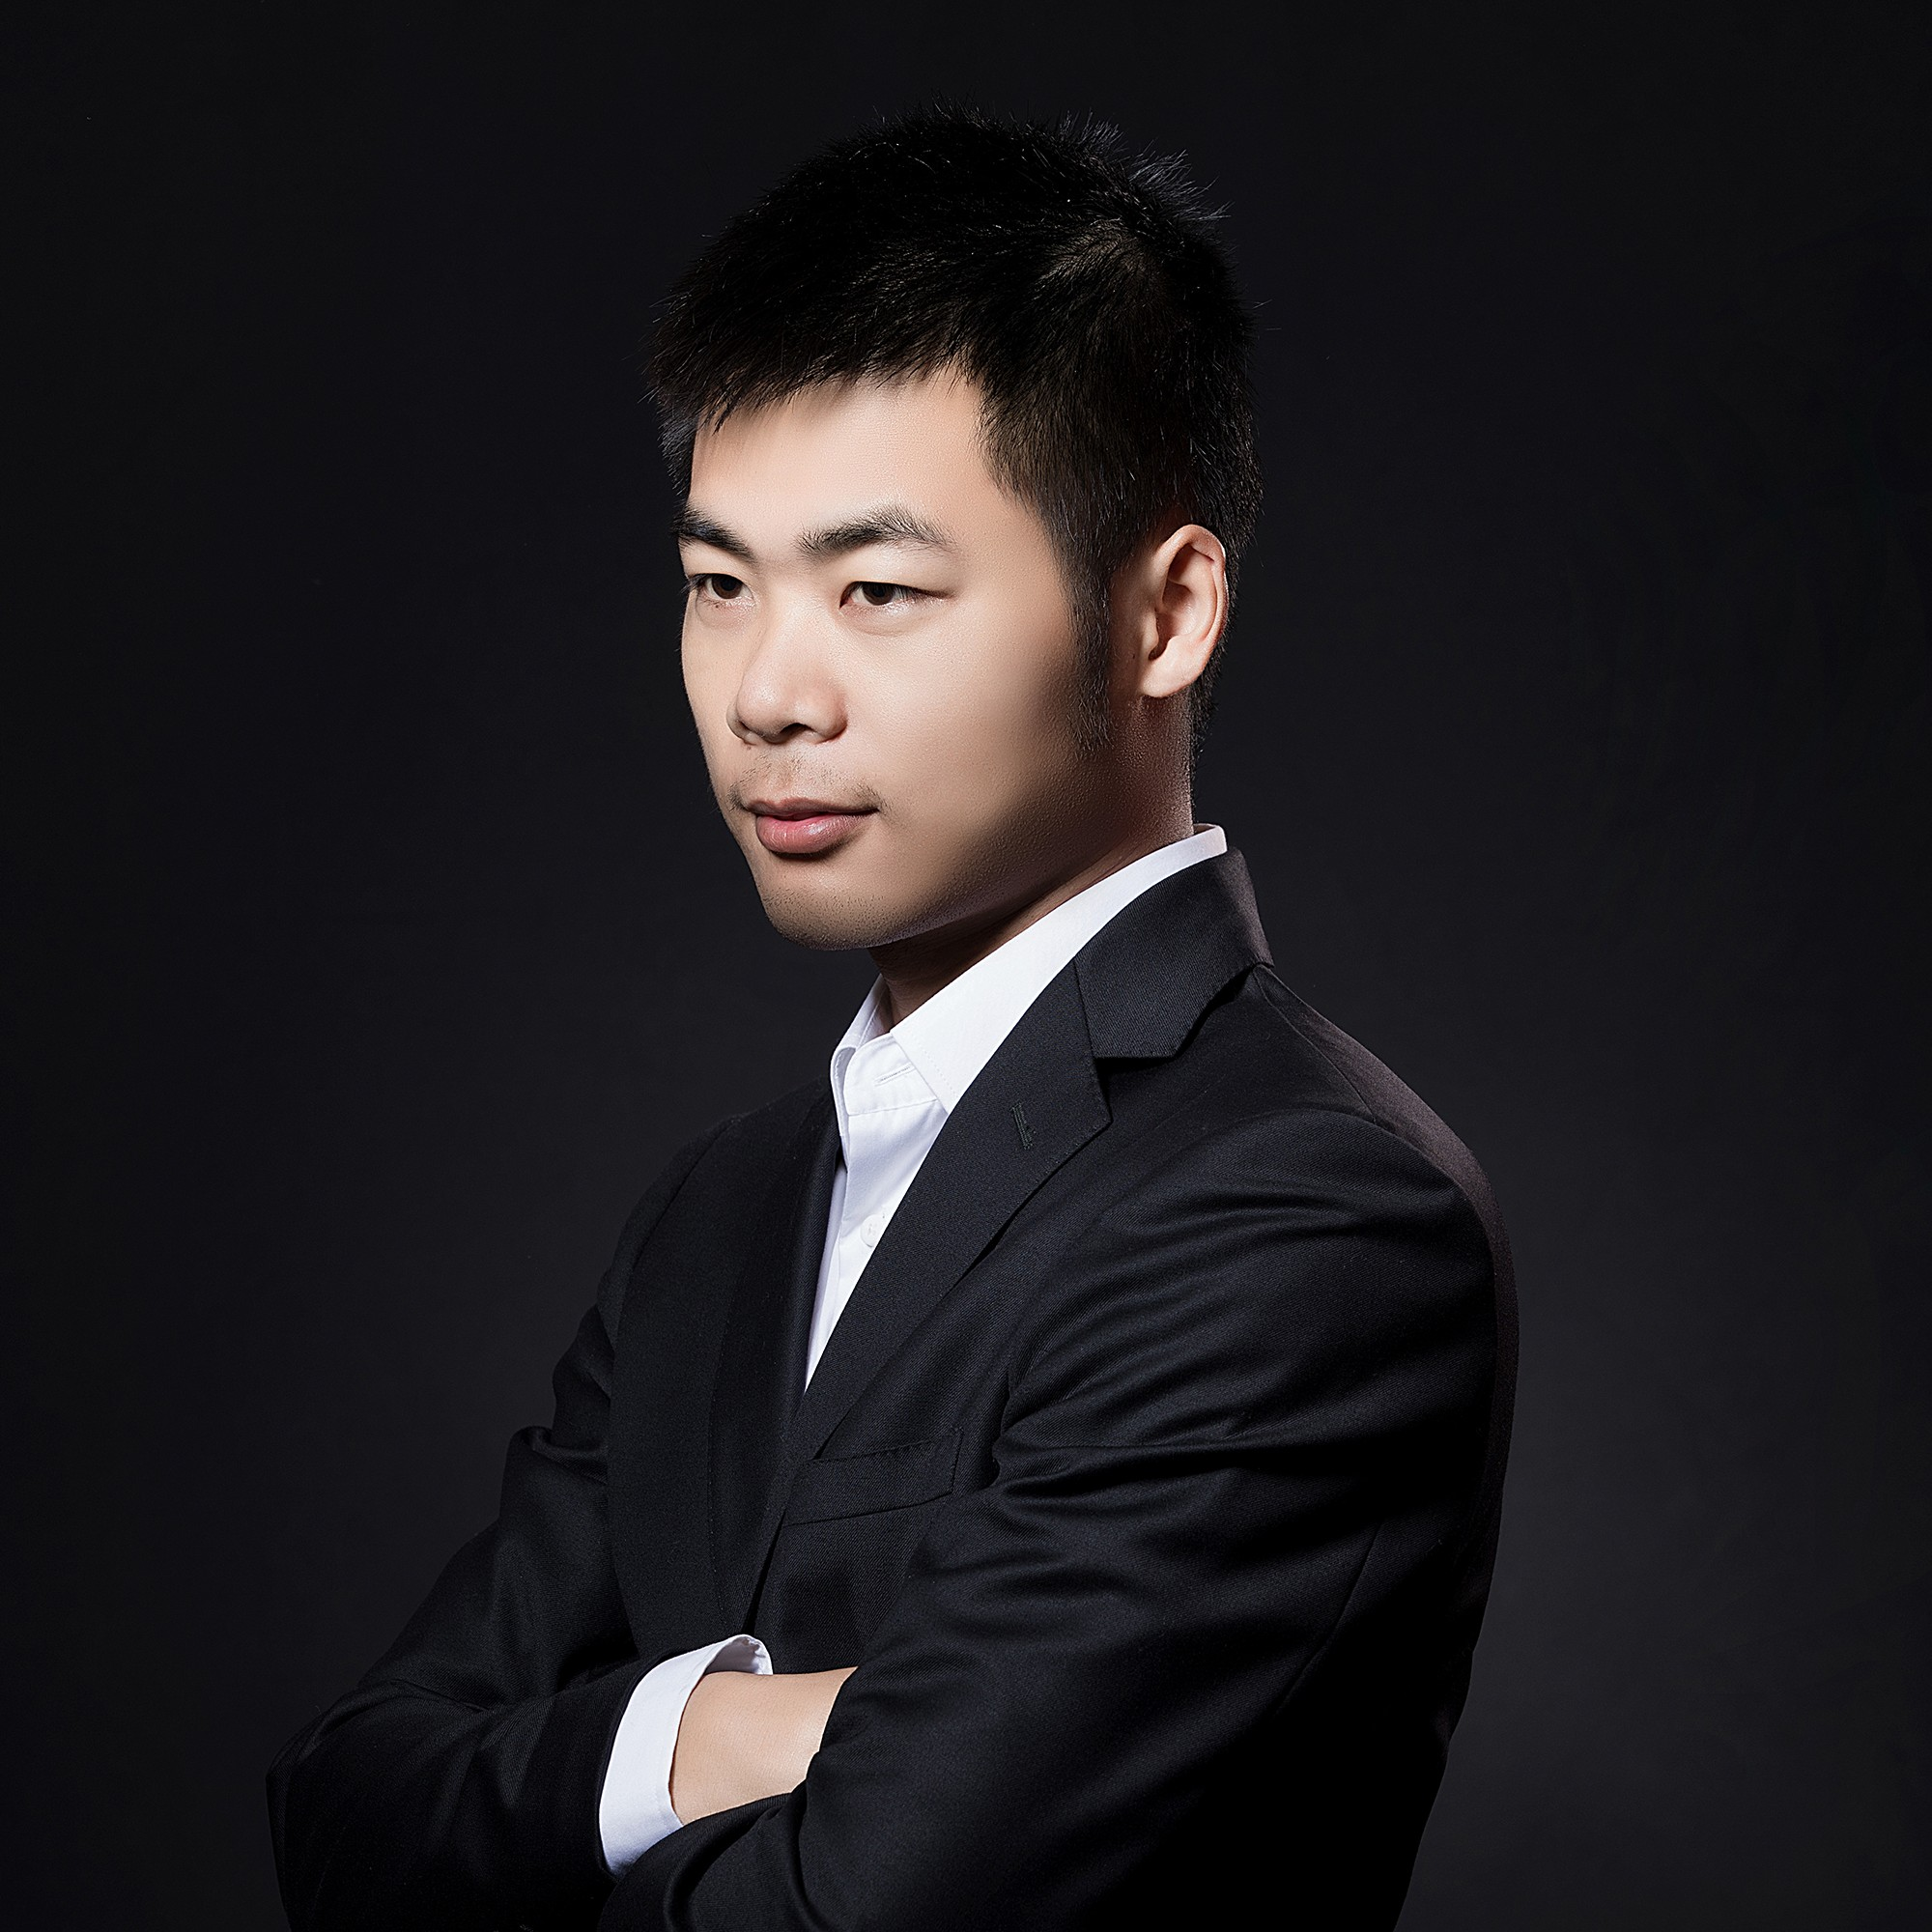 摄影师洪峰